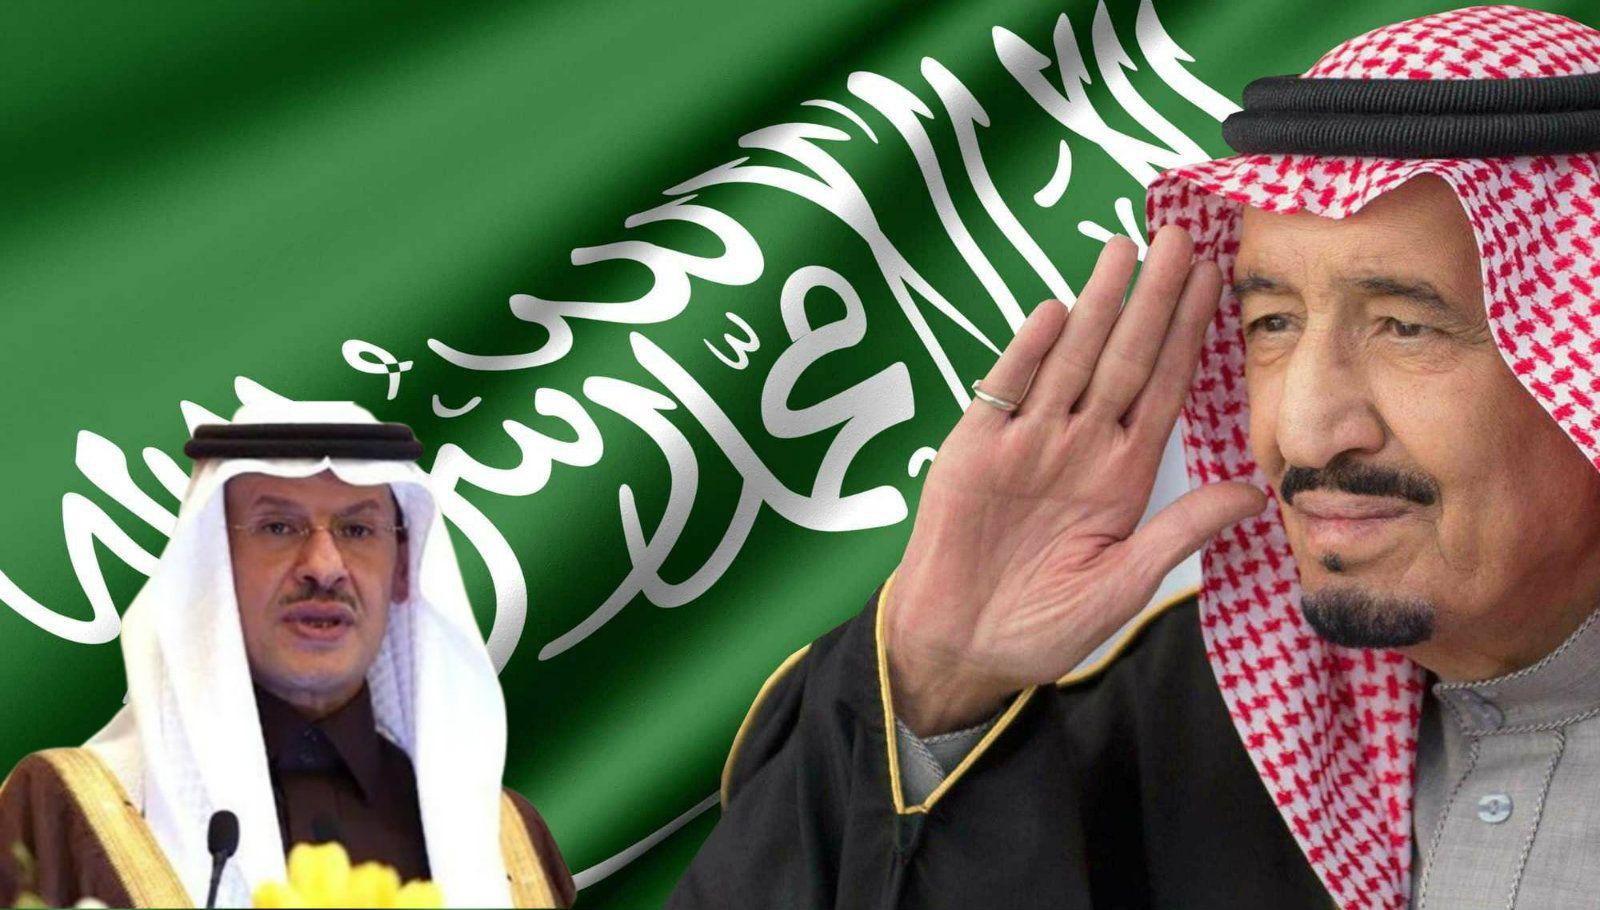 3 أوامر ملكية في السعودية ماذا نعرف عن الأمير عبدالعزيز بن سلمان بعد تعيينه وزير ا للطاقة